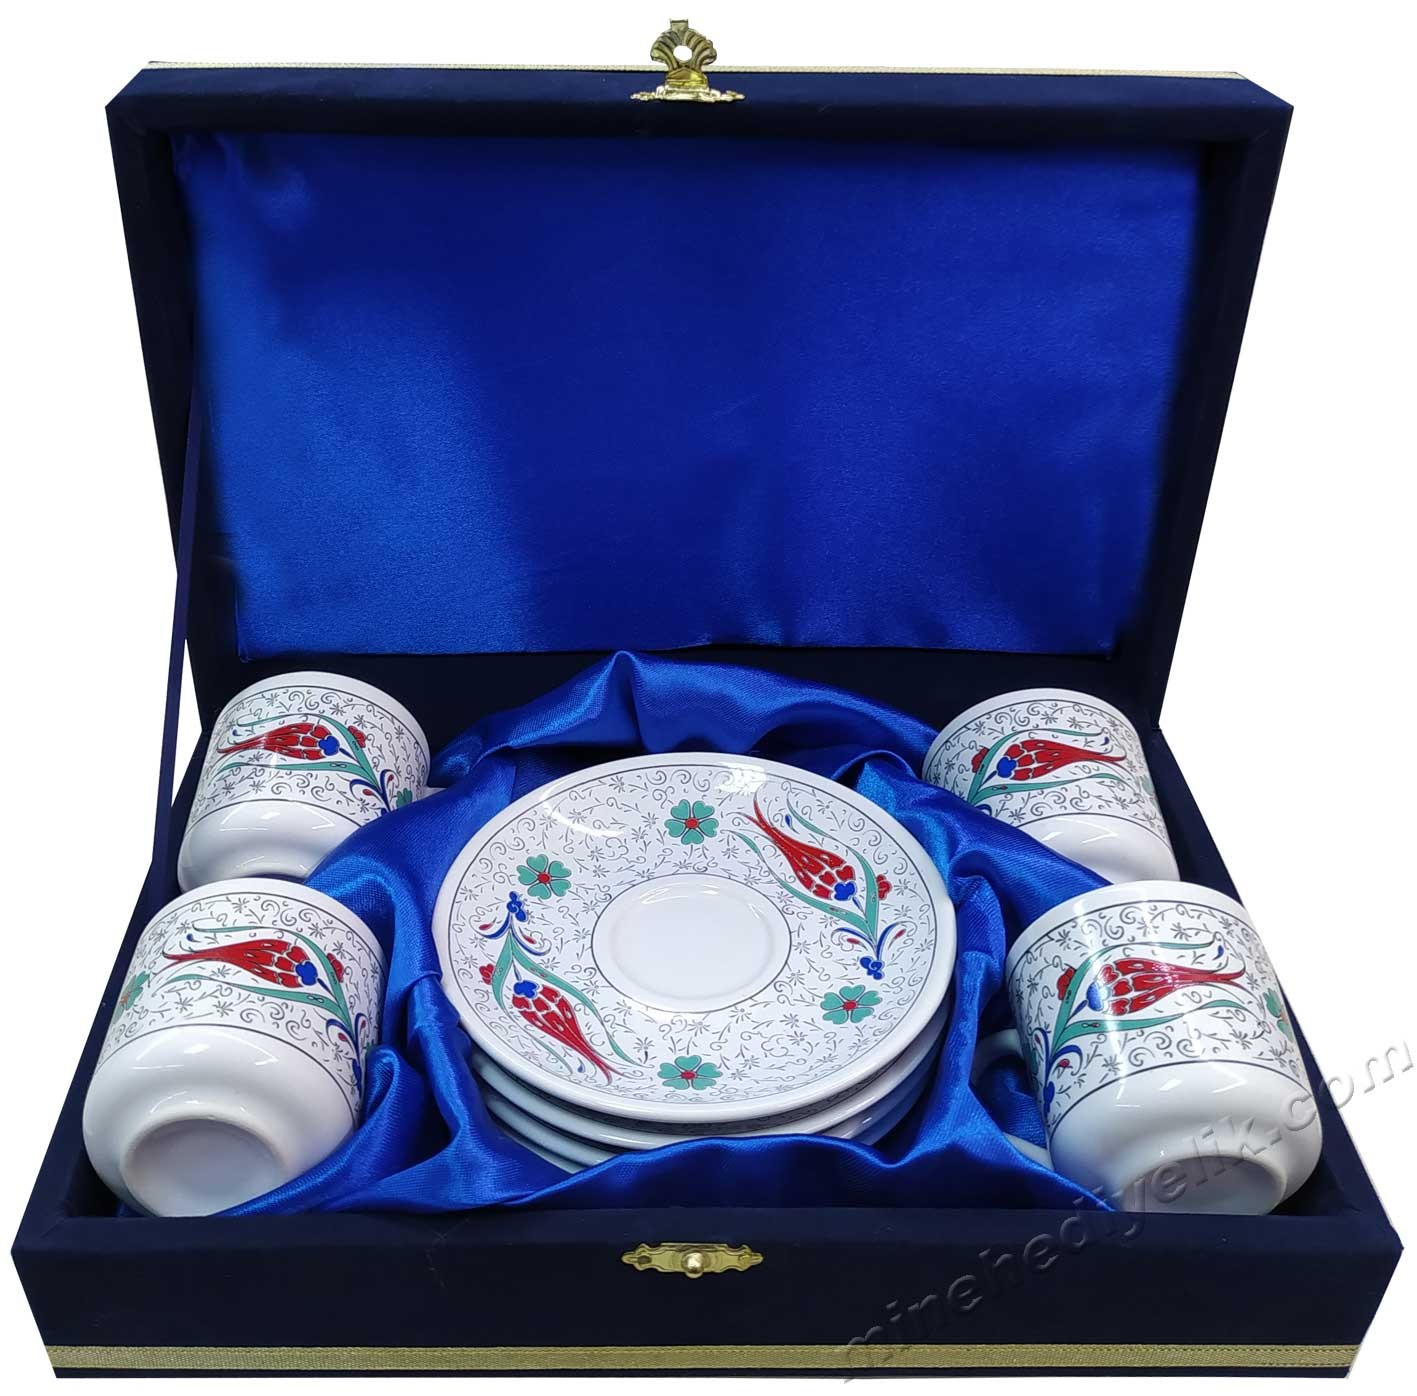 Kurumsal Hediyelik Dörtlü Kahve Fincan Setleri 4'lü kahve Fincan takımı fiyatı Kutulu Dekoratif çini desenli Fincan Takımları